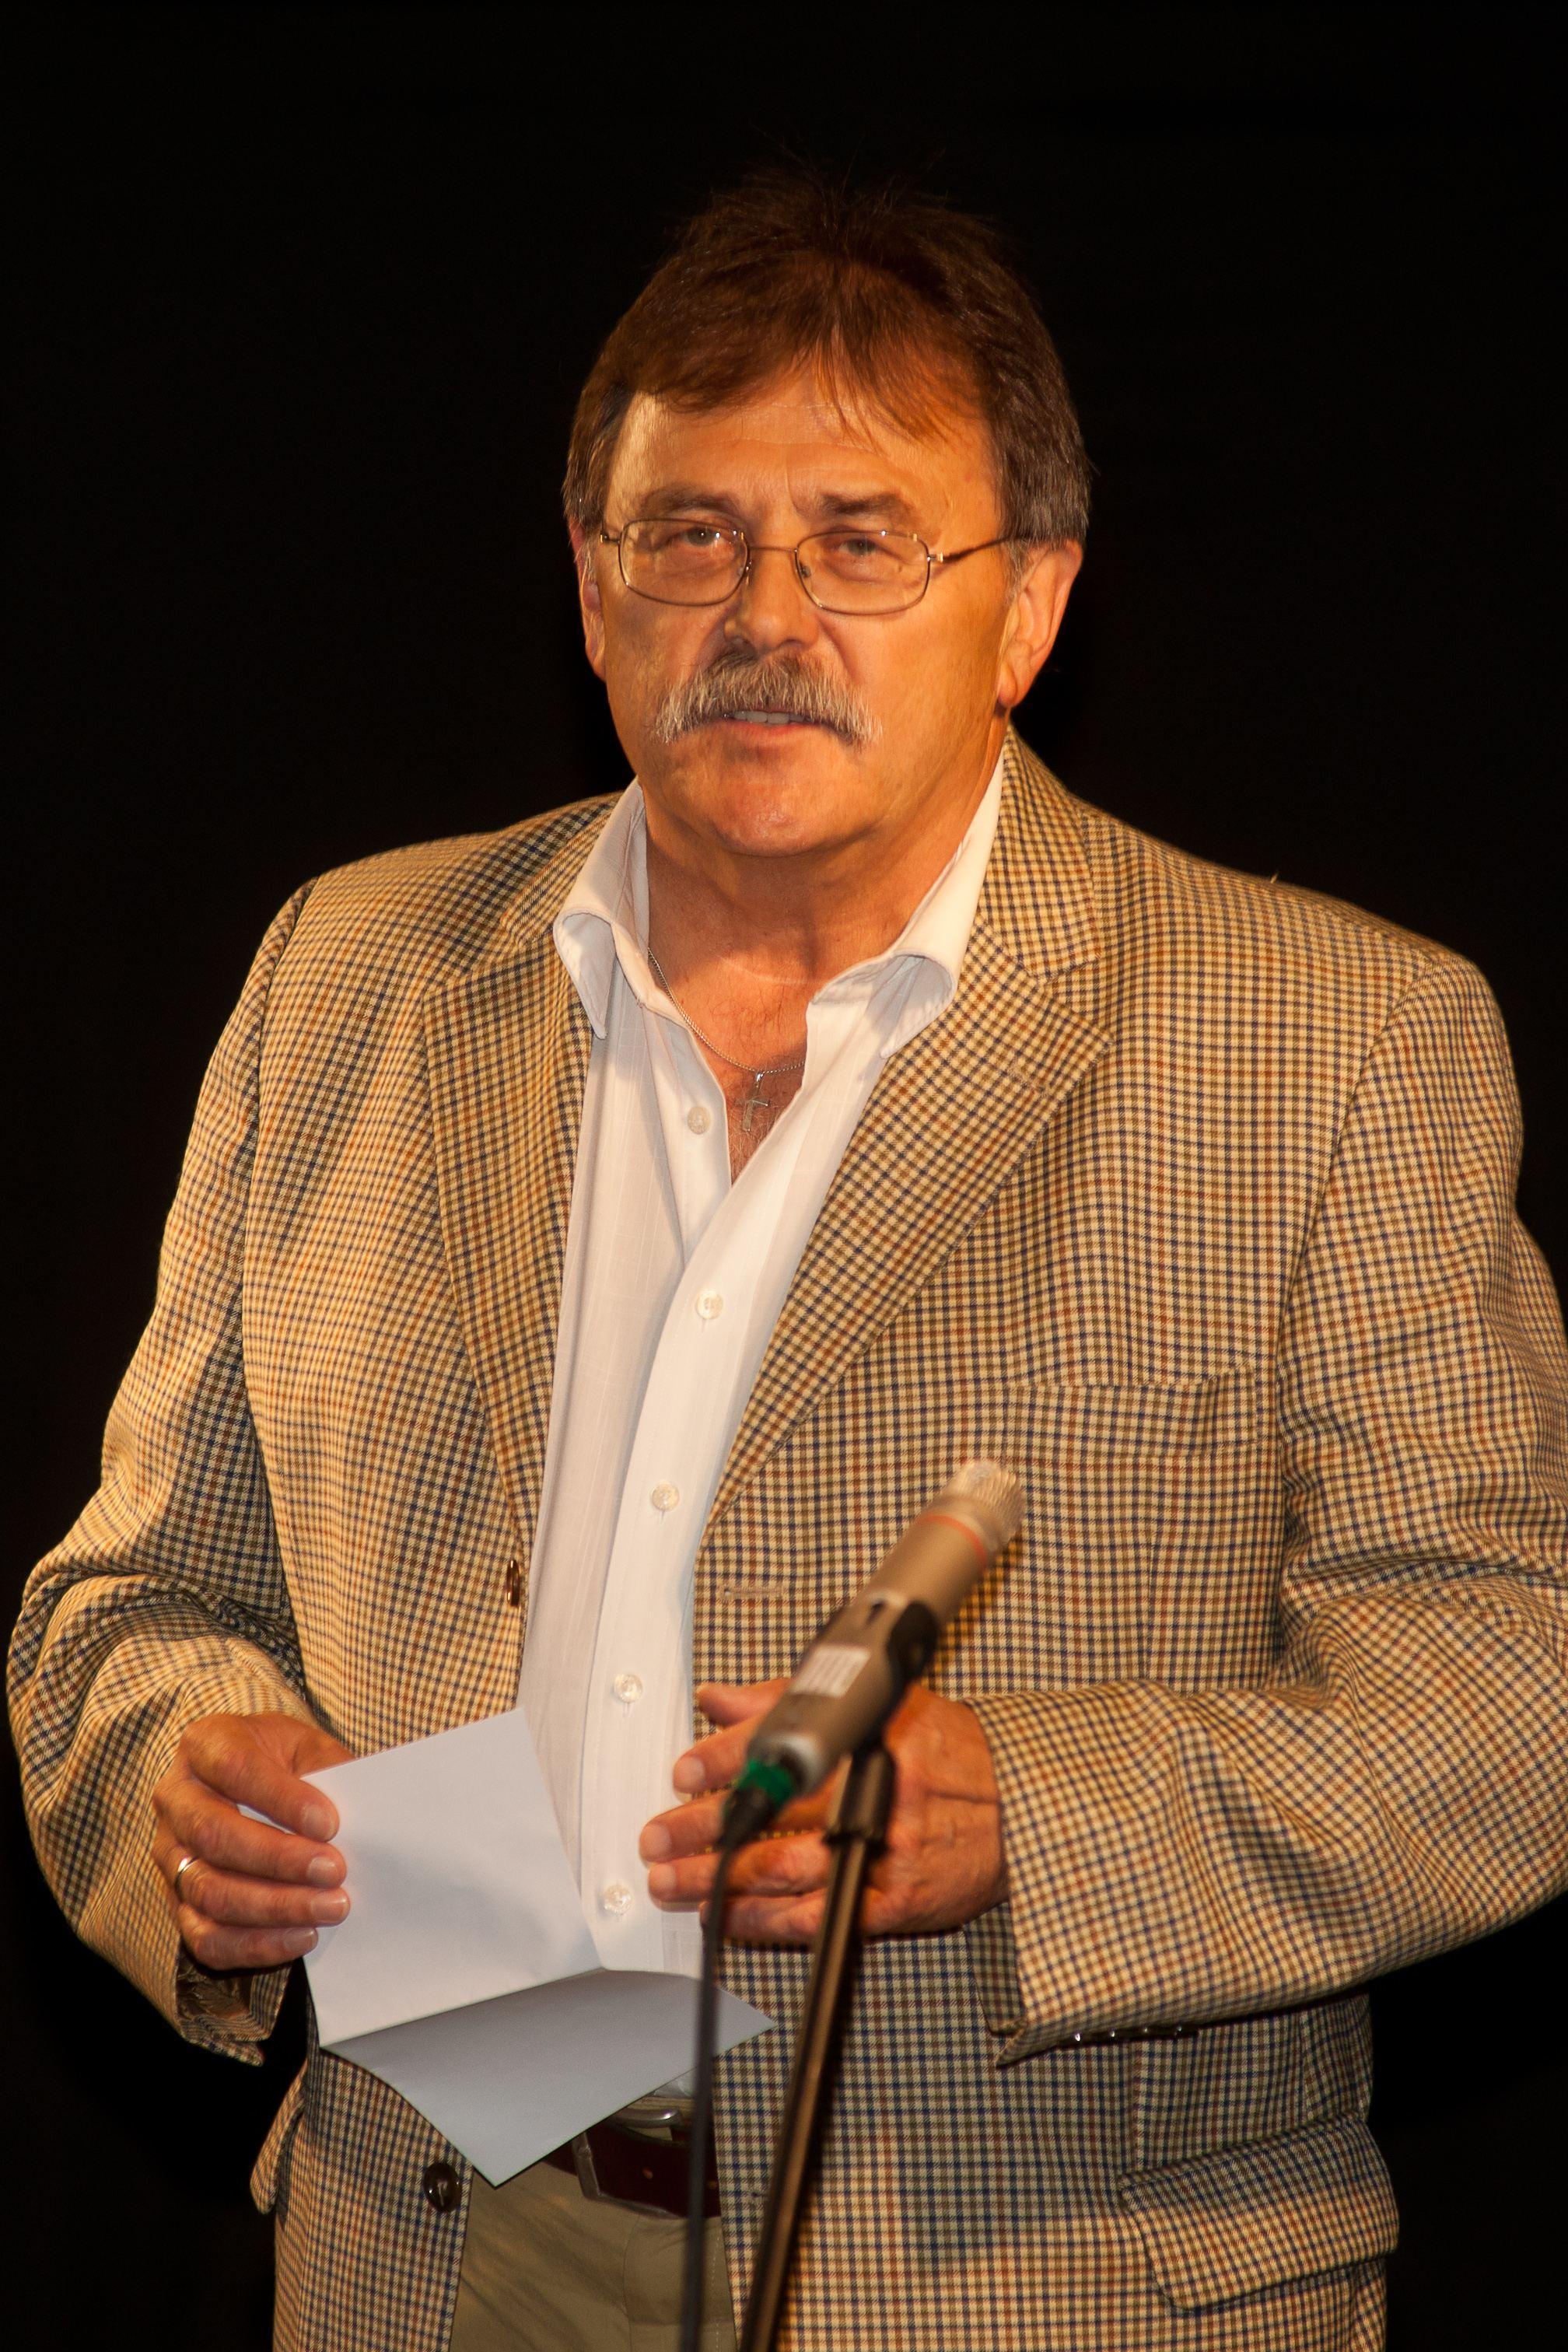 Willi Hogger